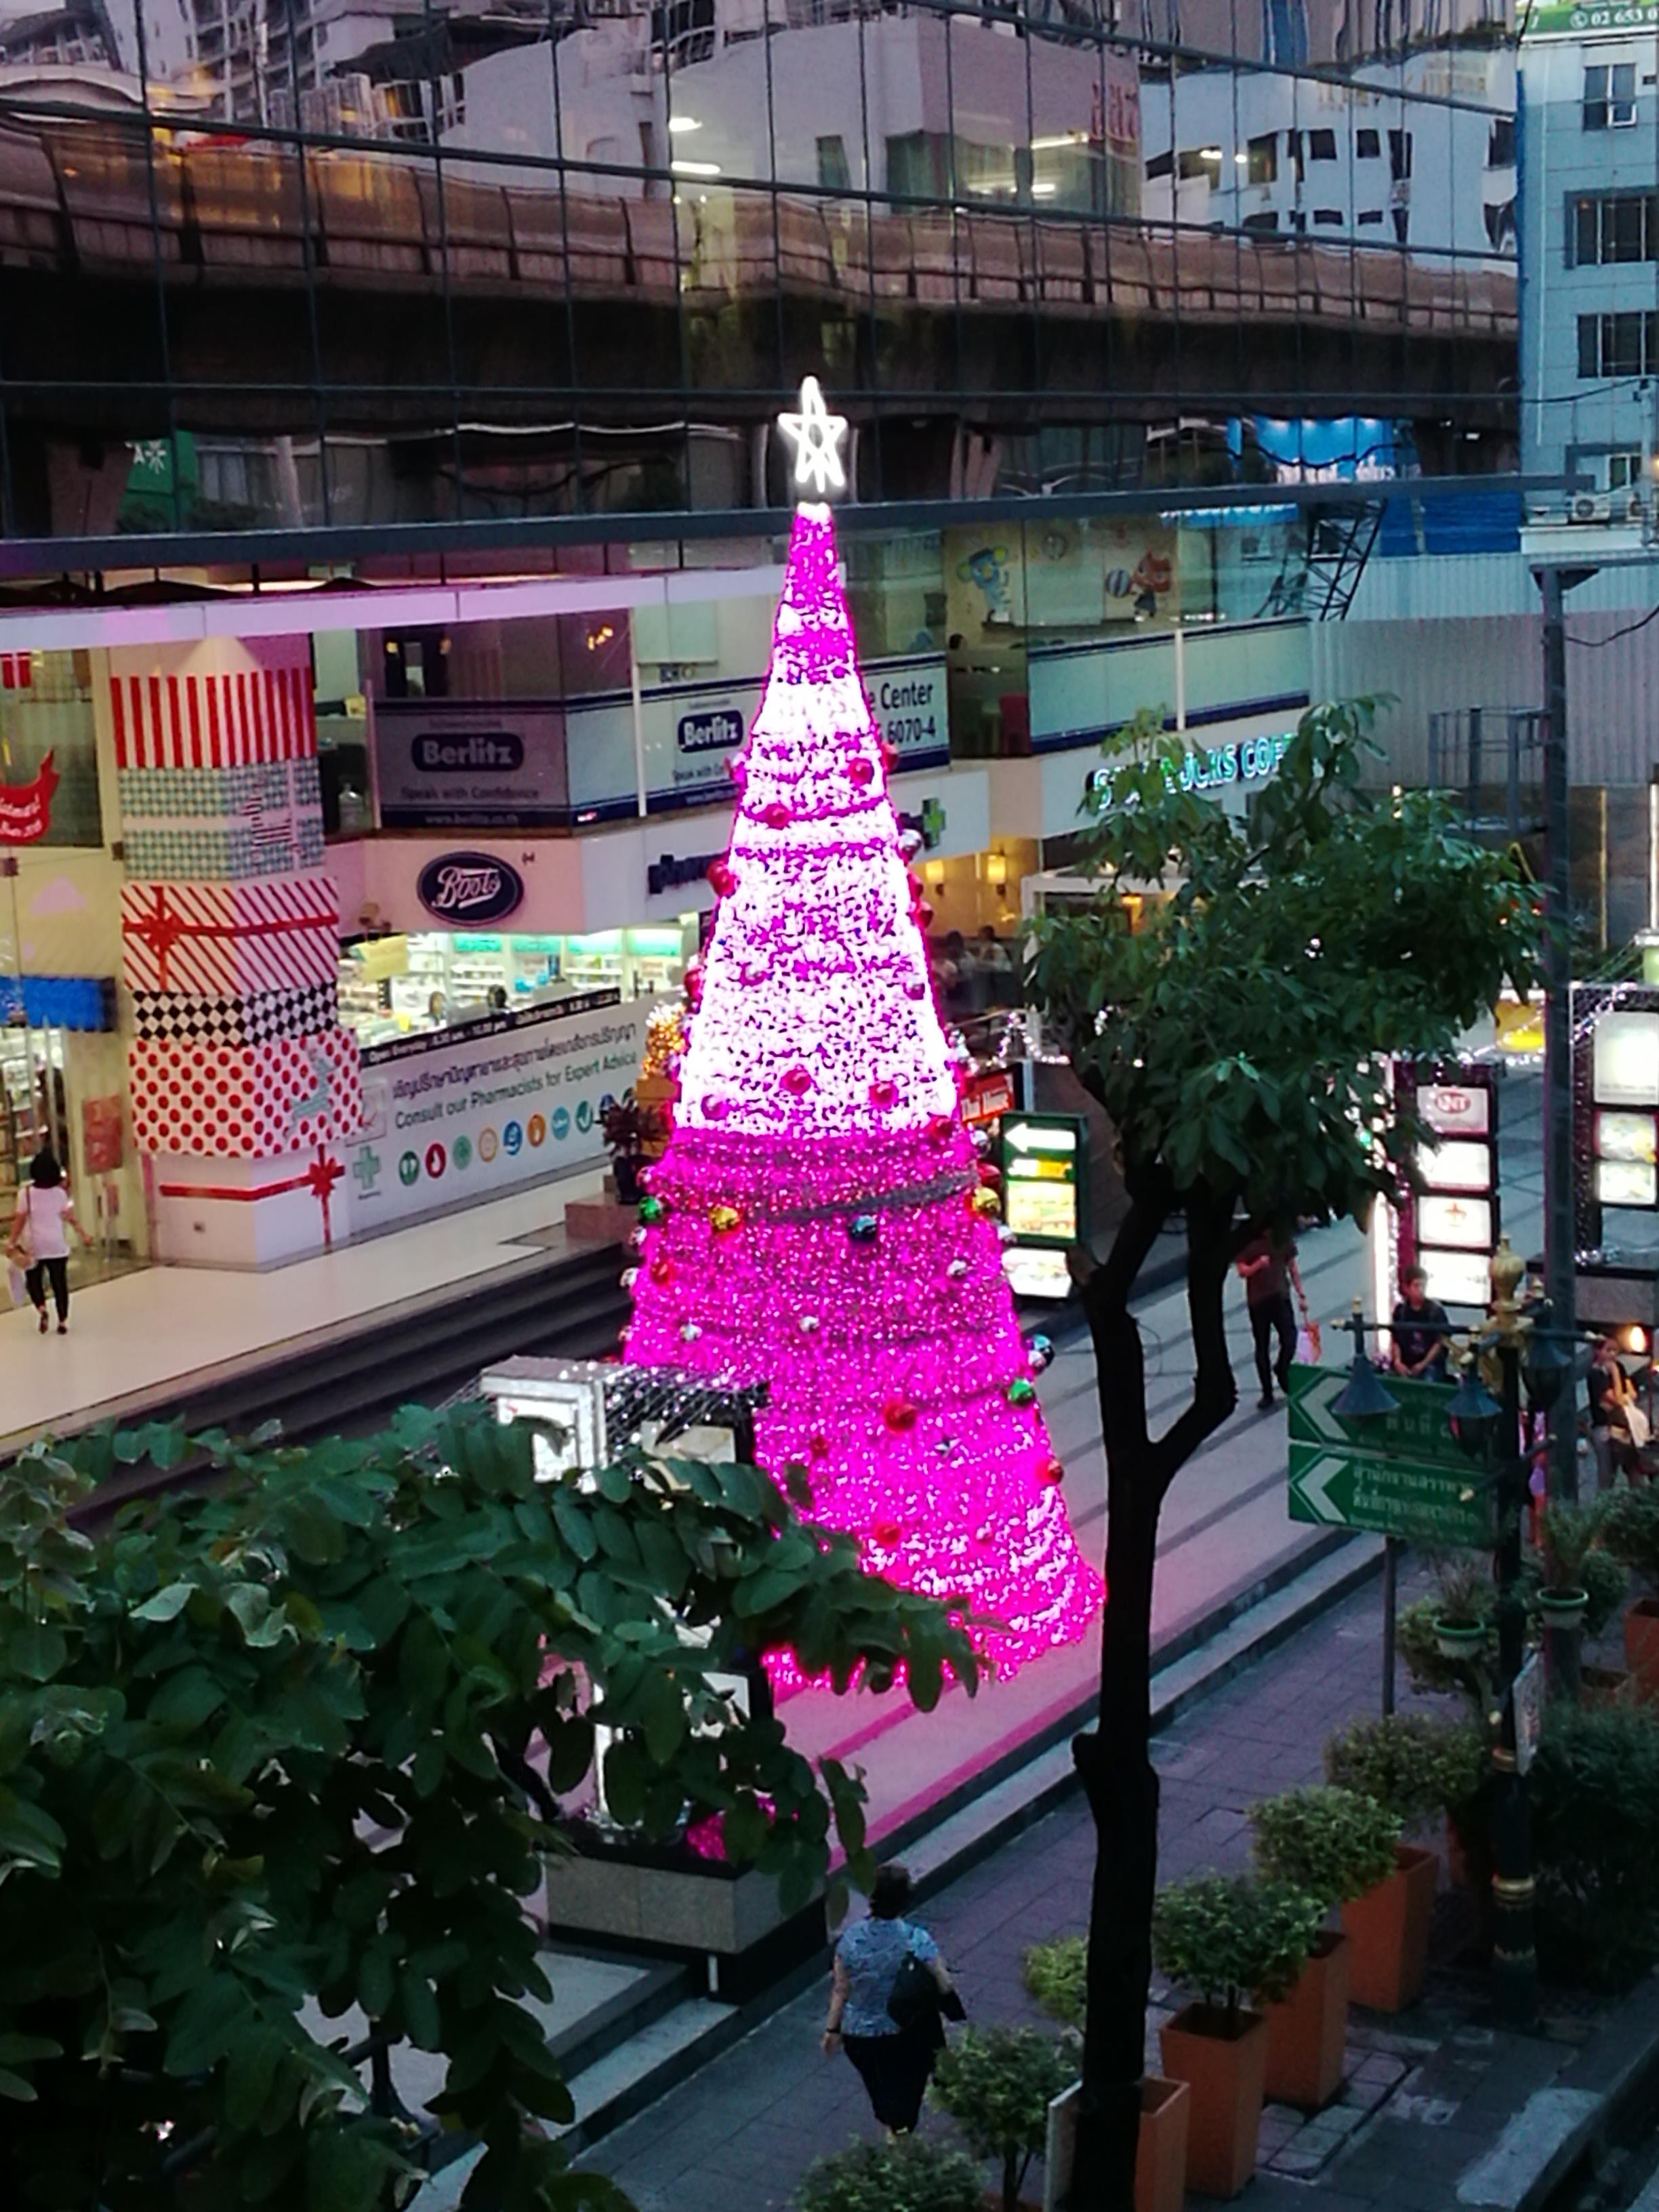 Pink Christmas Lights.Free Images City Christmas Tree Pink Christmas